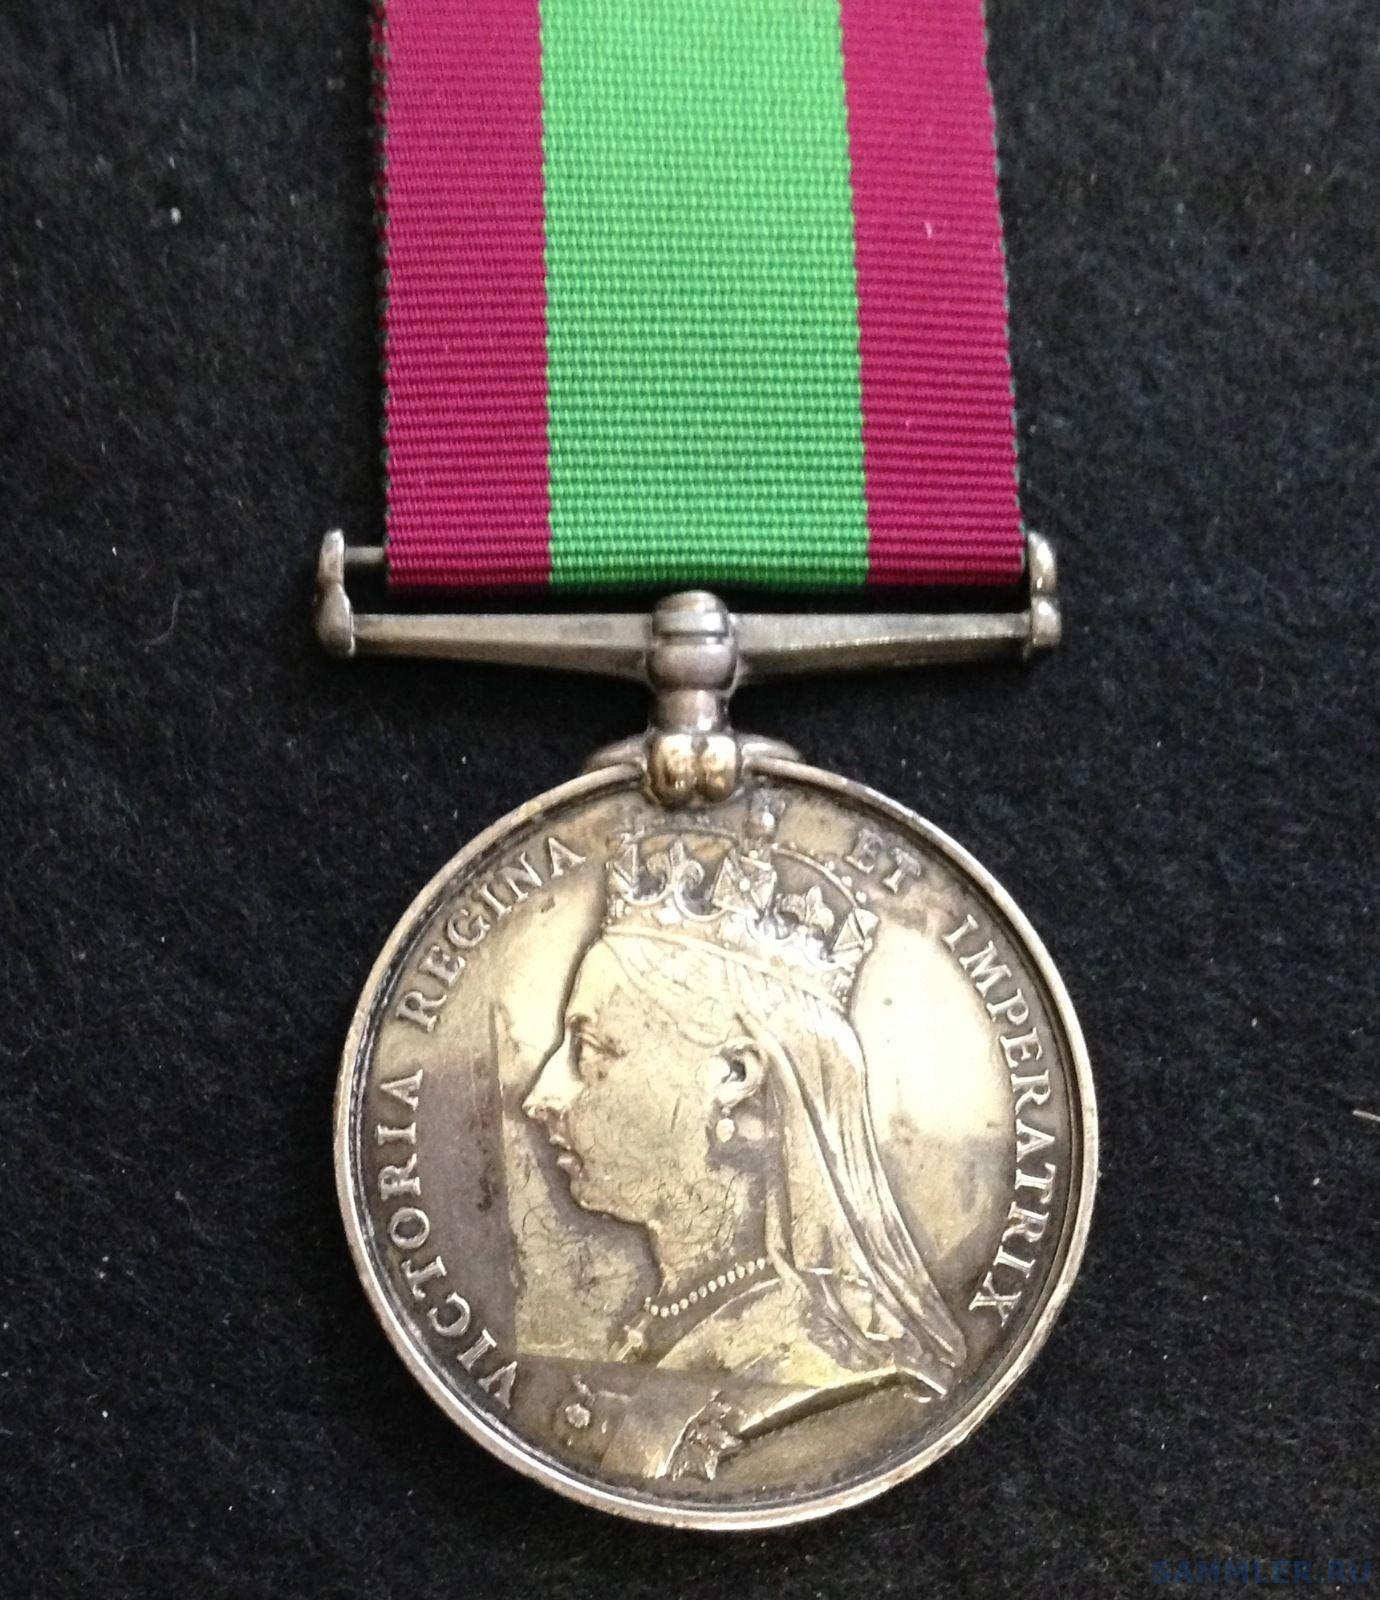 Afghan War 1878-90 medal Pte.Atkins-averJPG.JPG